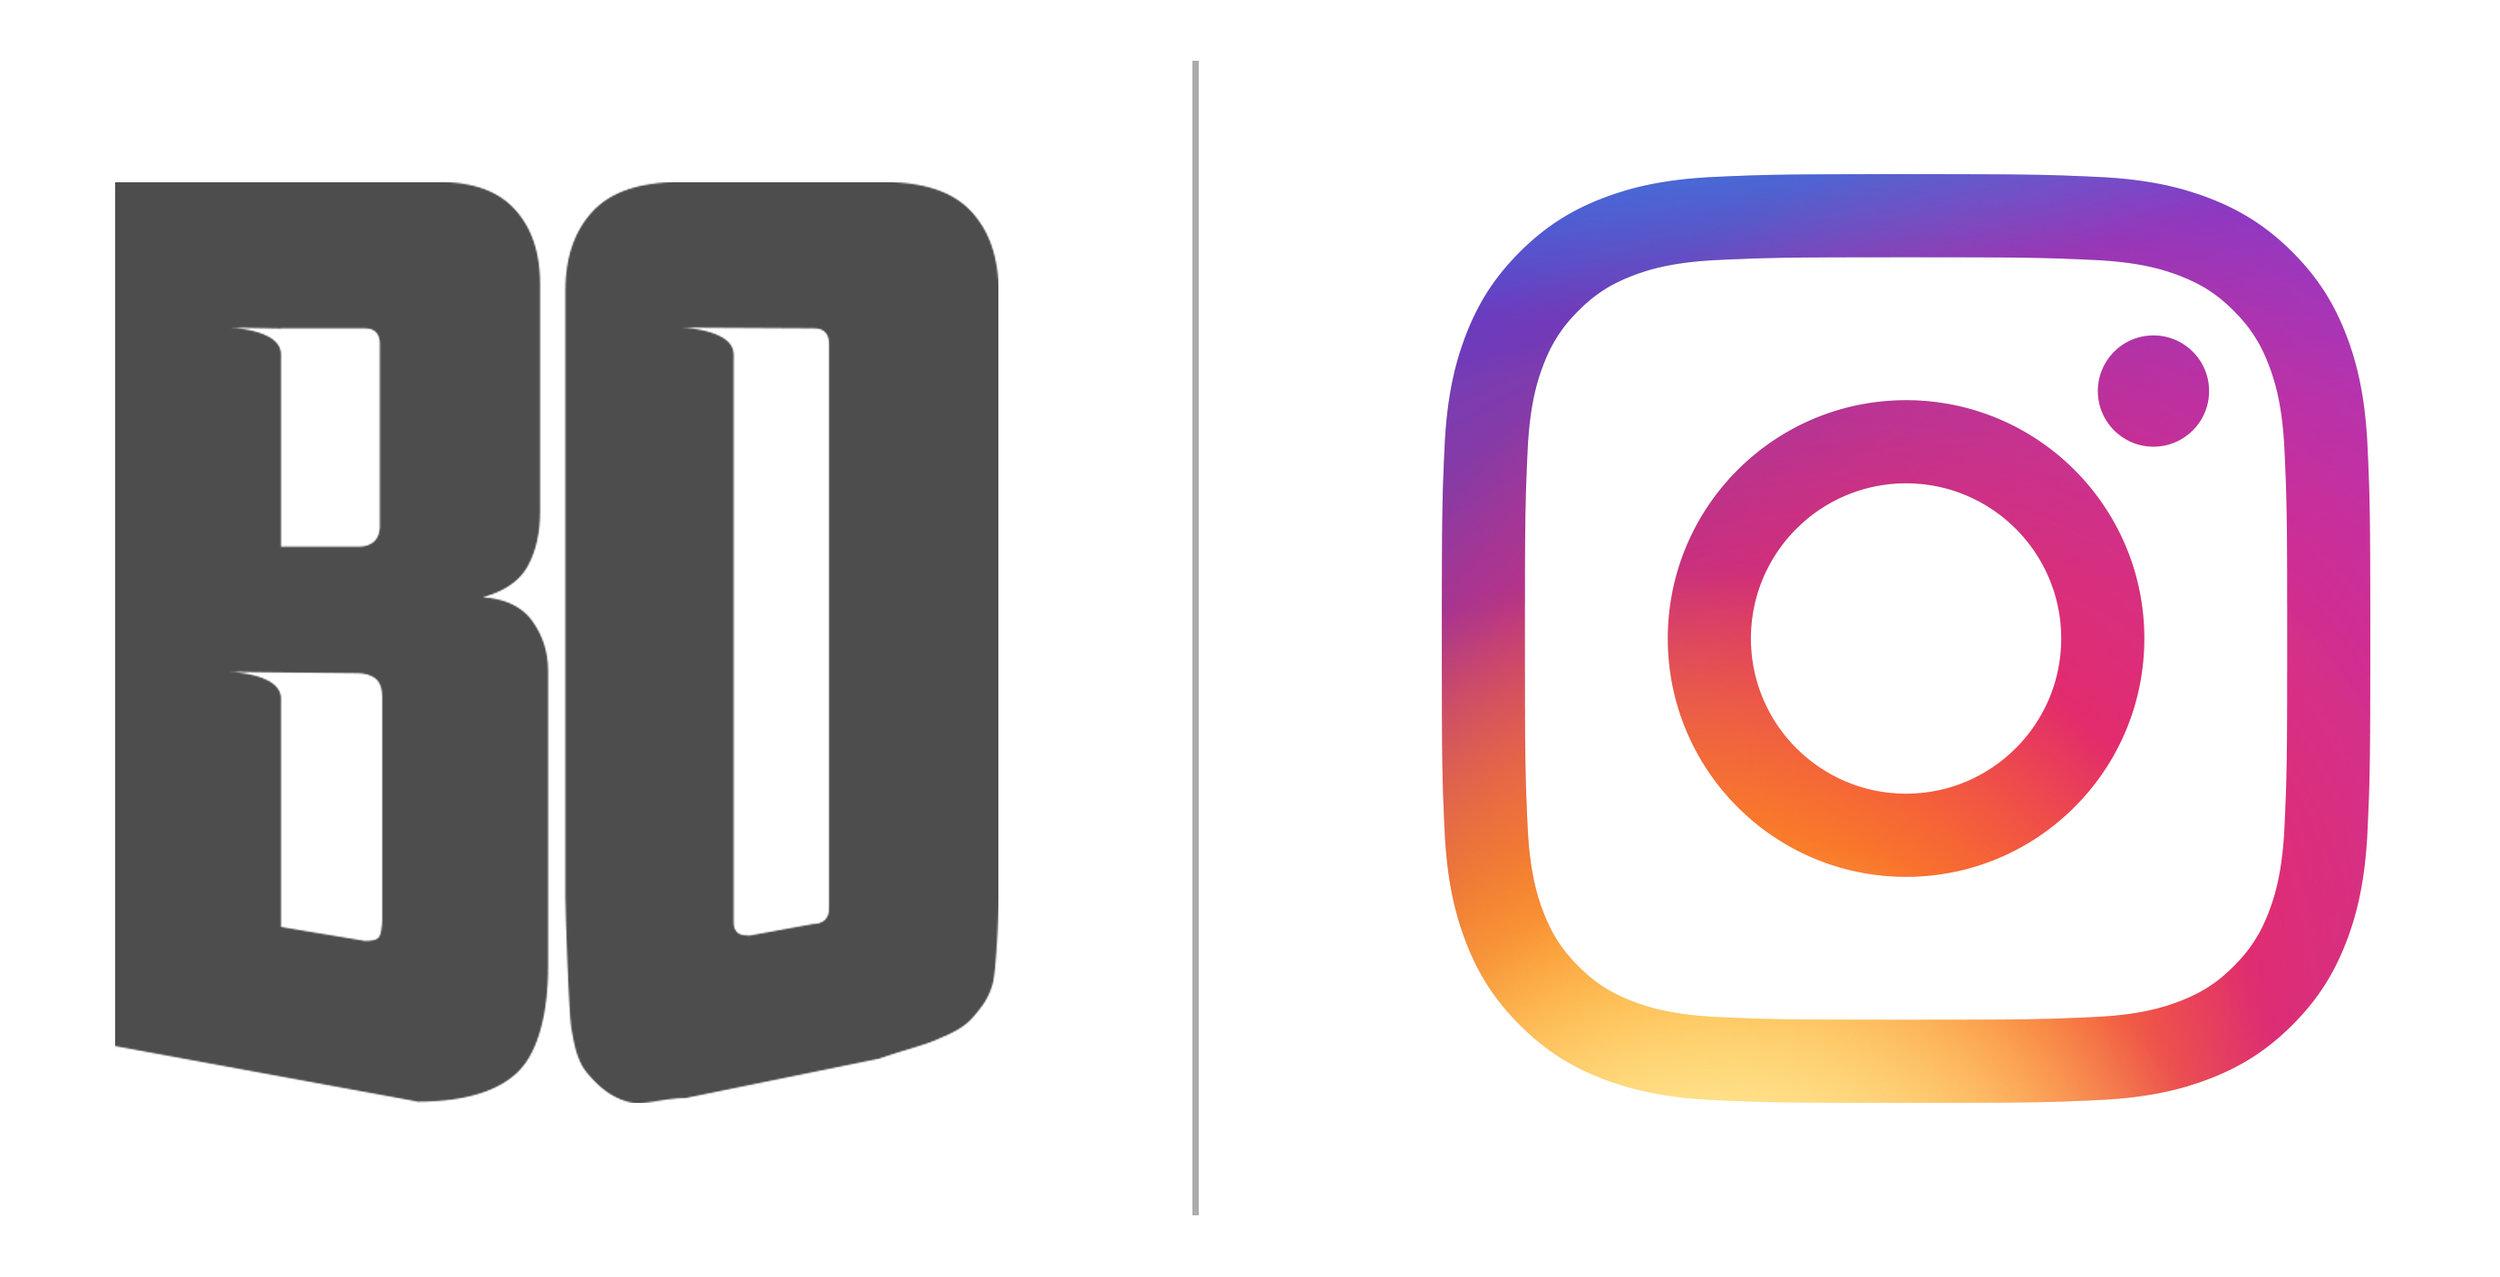 BO on Instagram